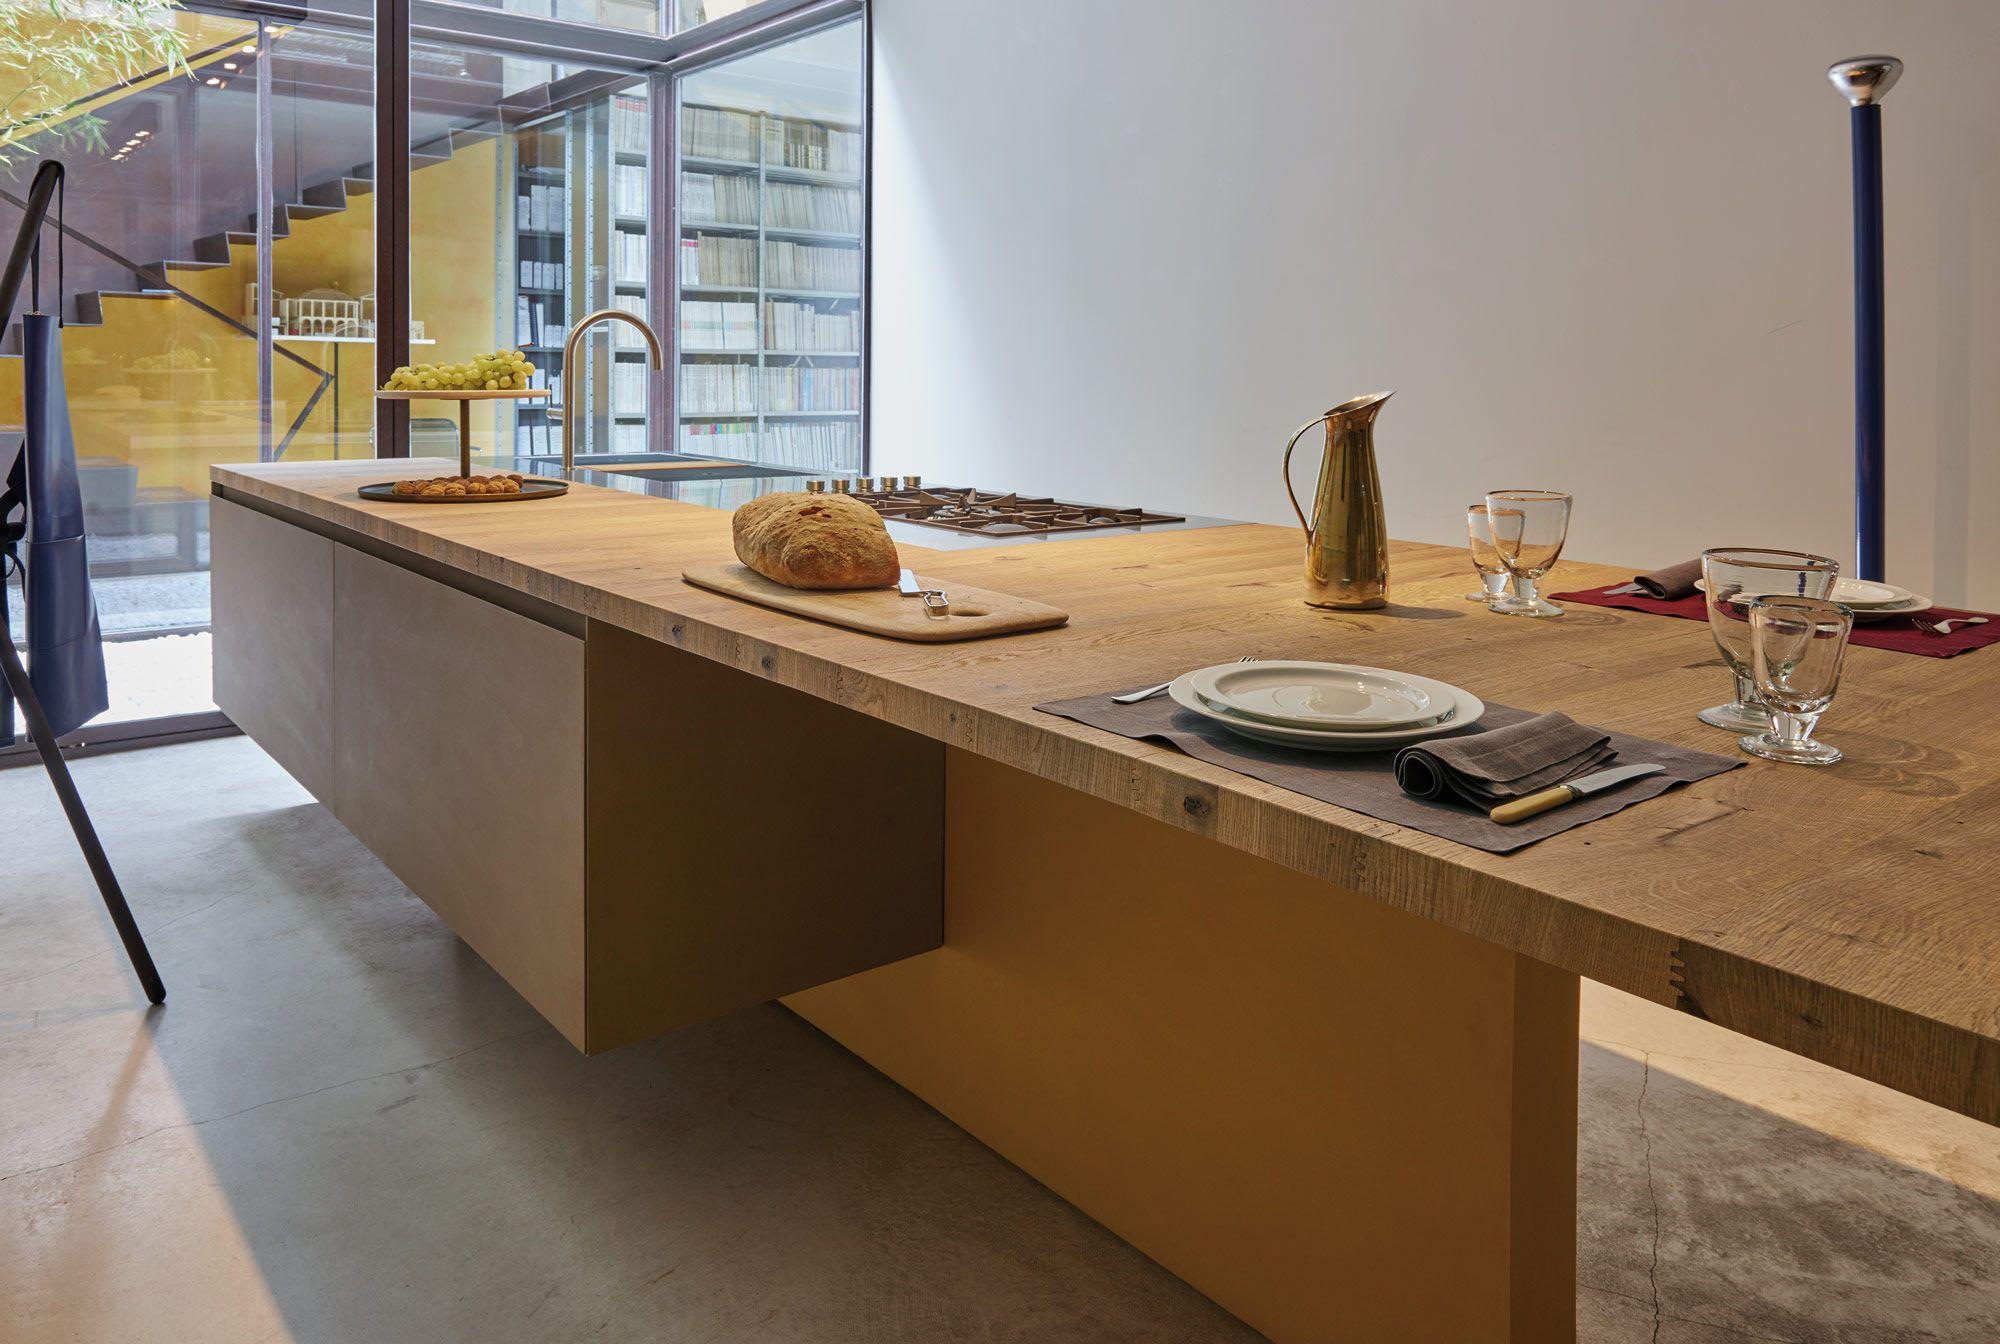 Key Sbabo Cucine progetto Estivale montecchio precalcino ...